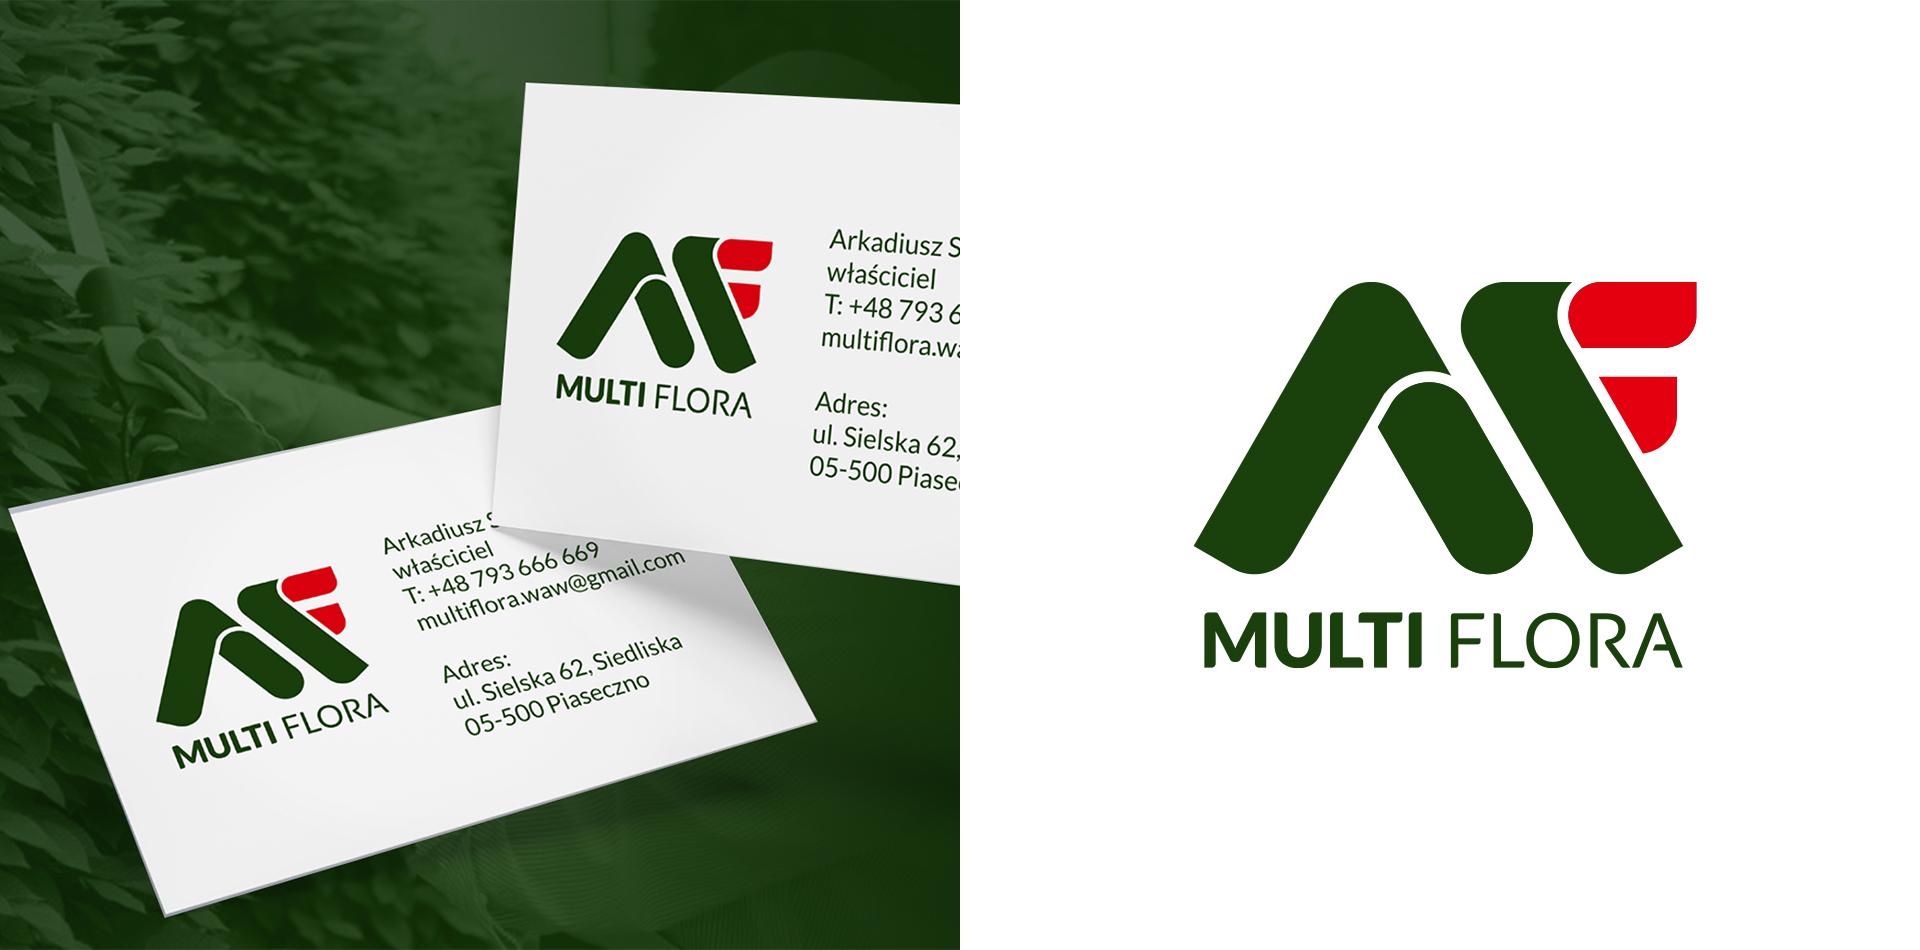 identyfikacja-wizualna-multiflora